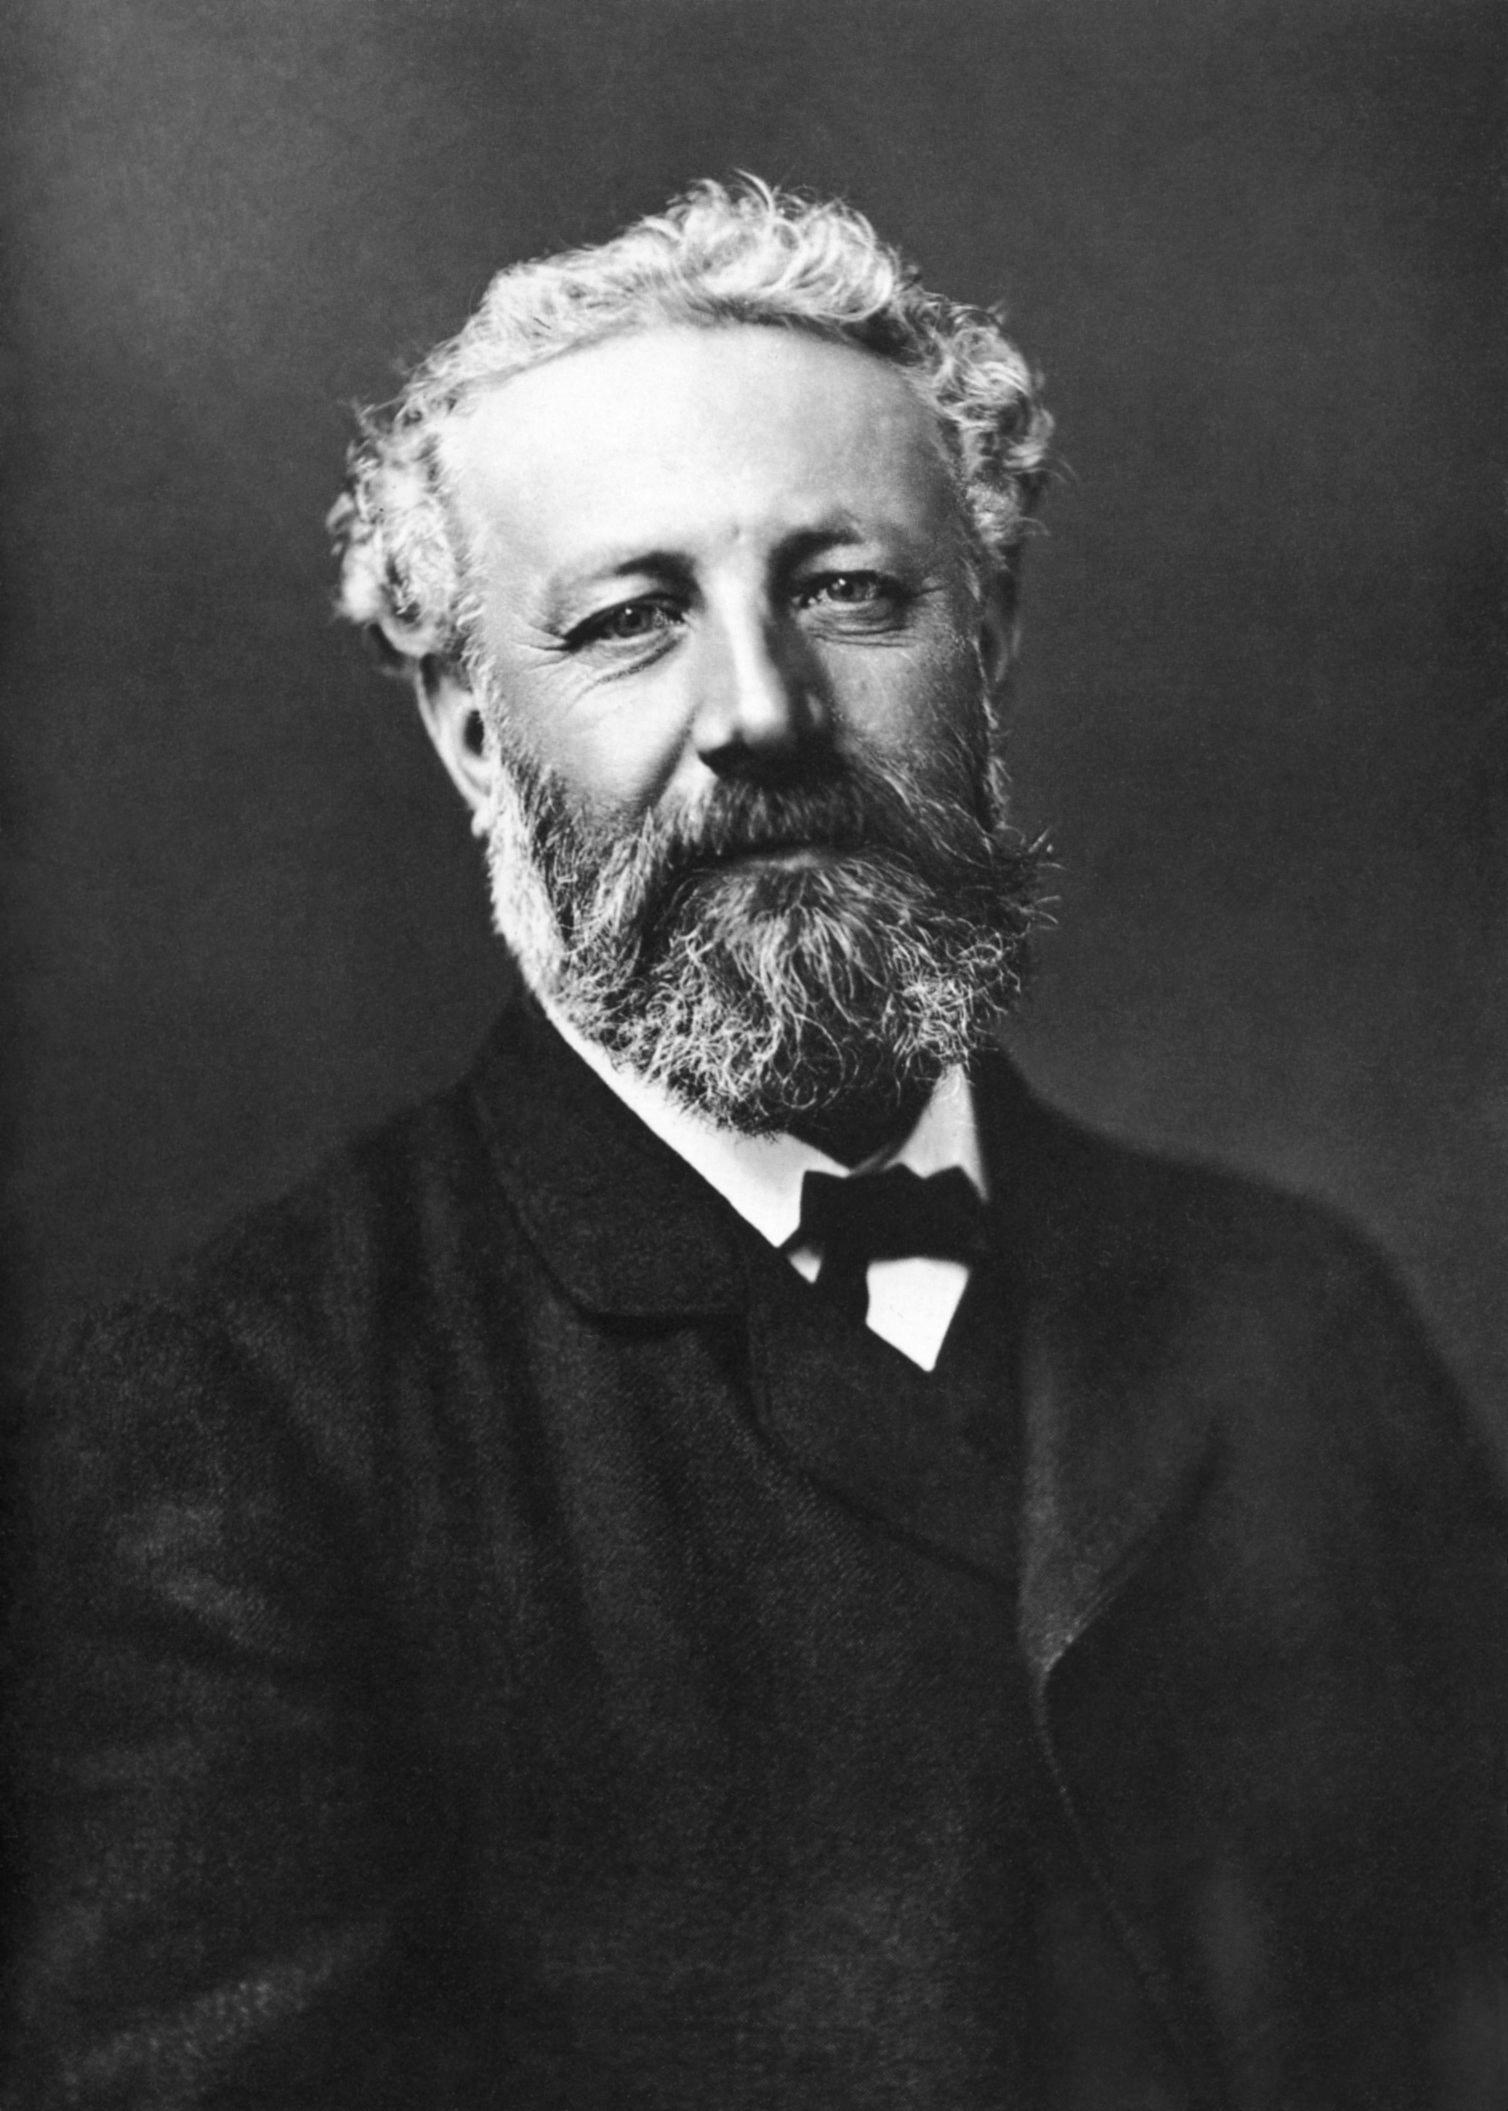 Jules Verne (Nadar, Public domain, via Wikimedia Commons)